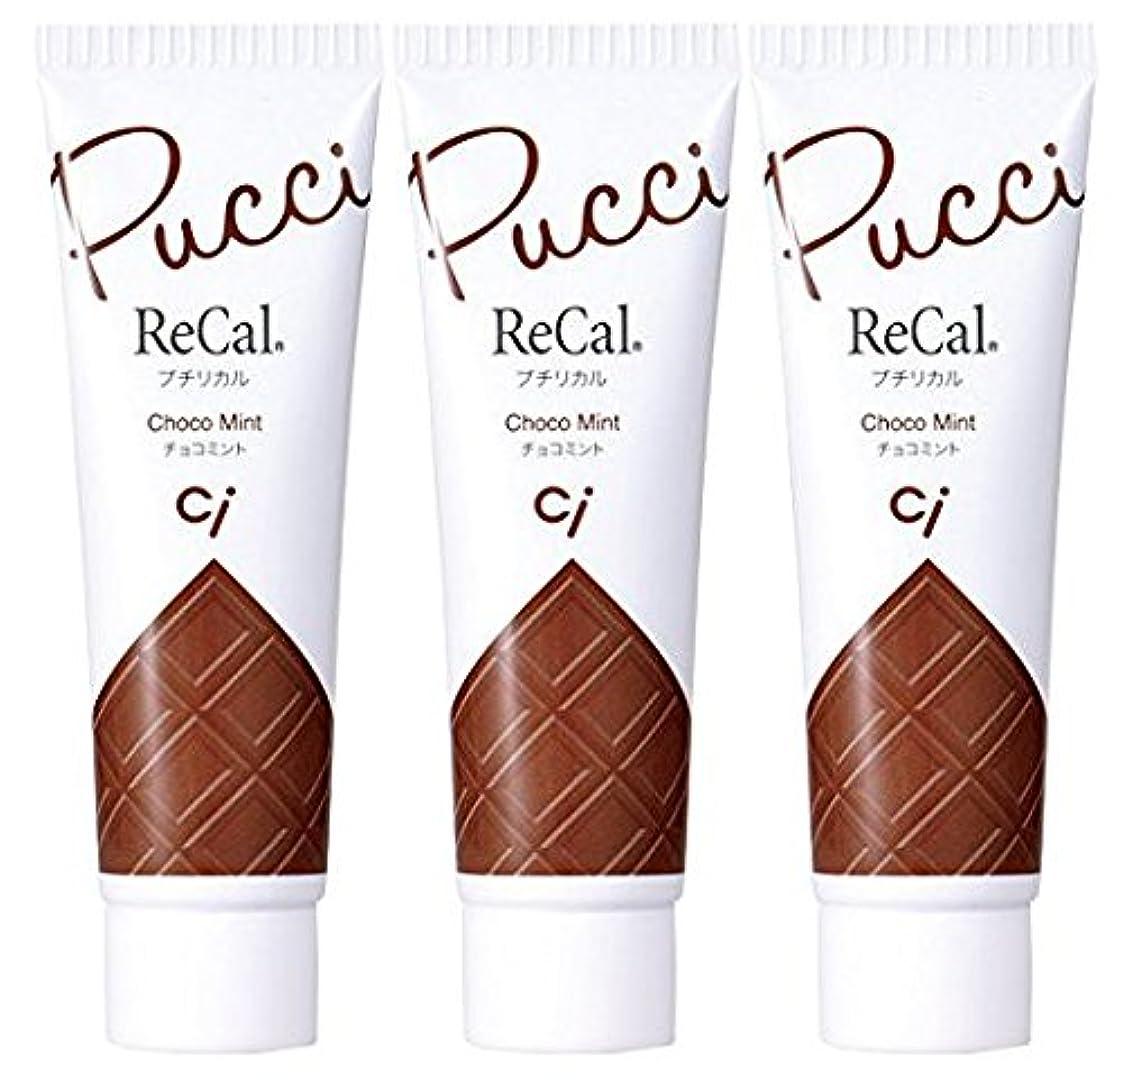 休み事件、出来事乳製品プチリカル チョコミント 3本